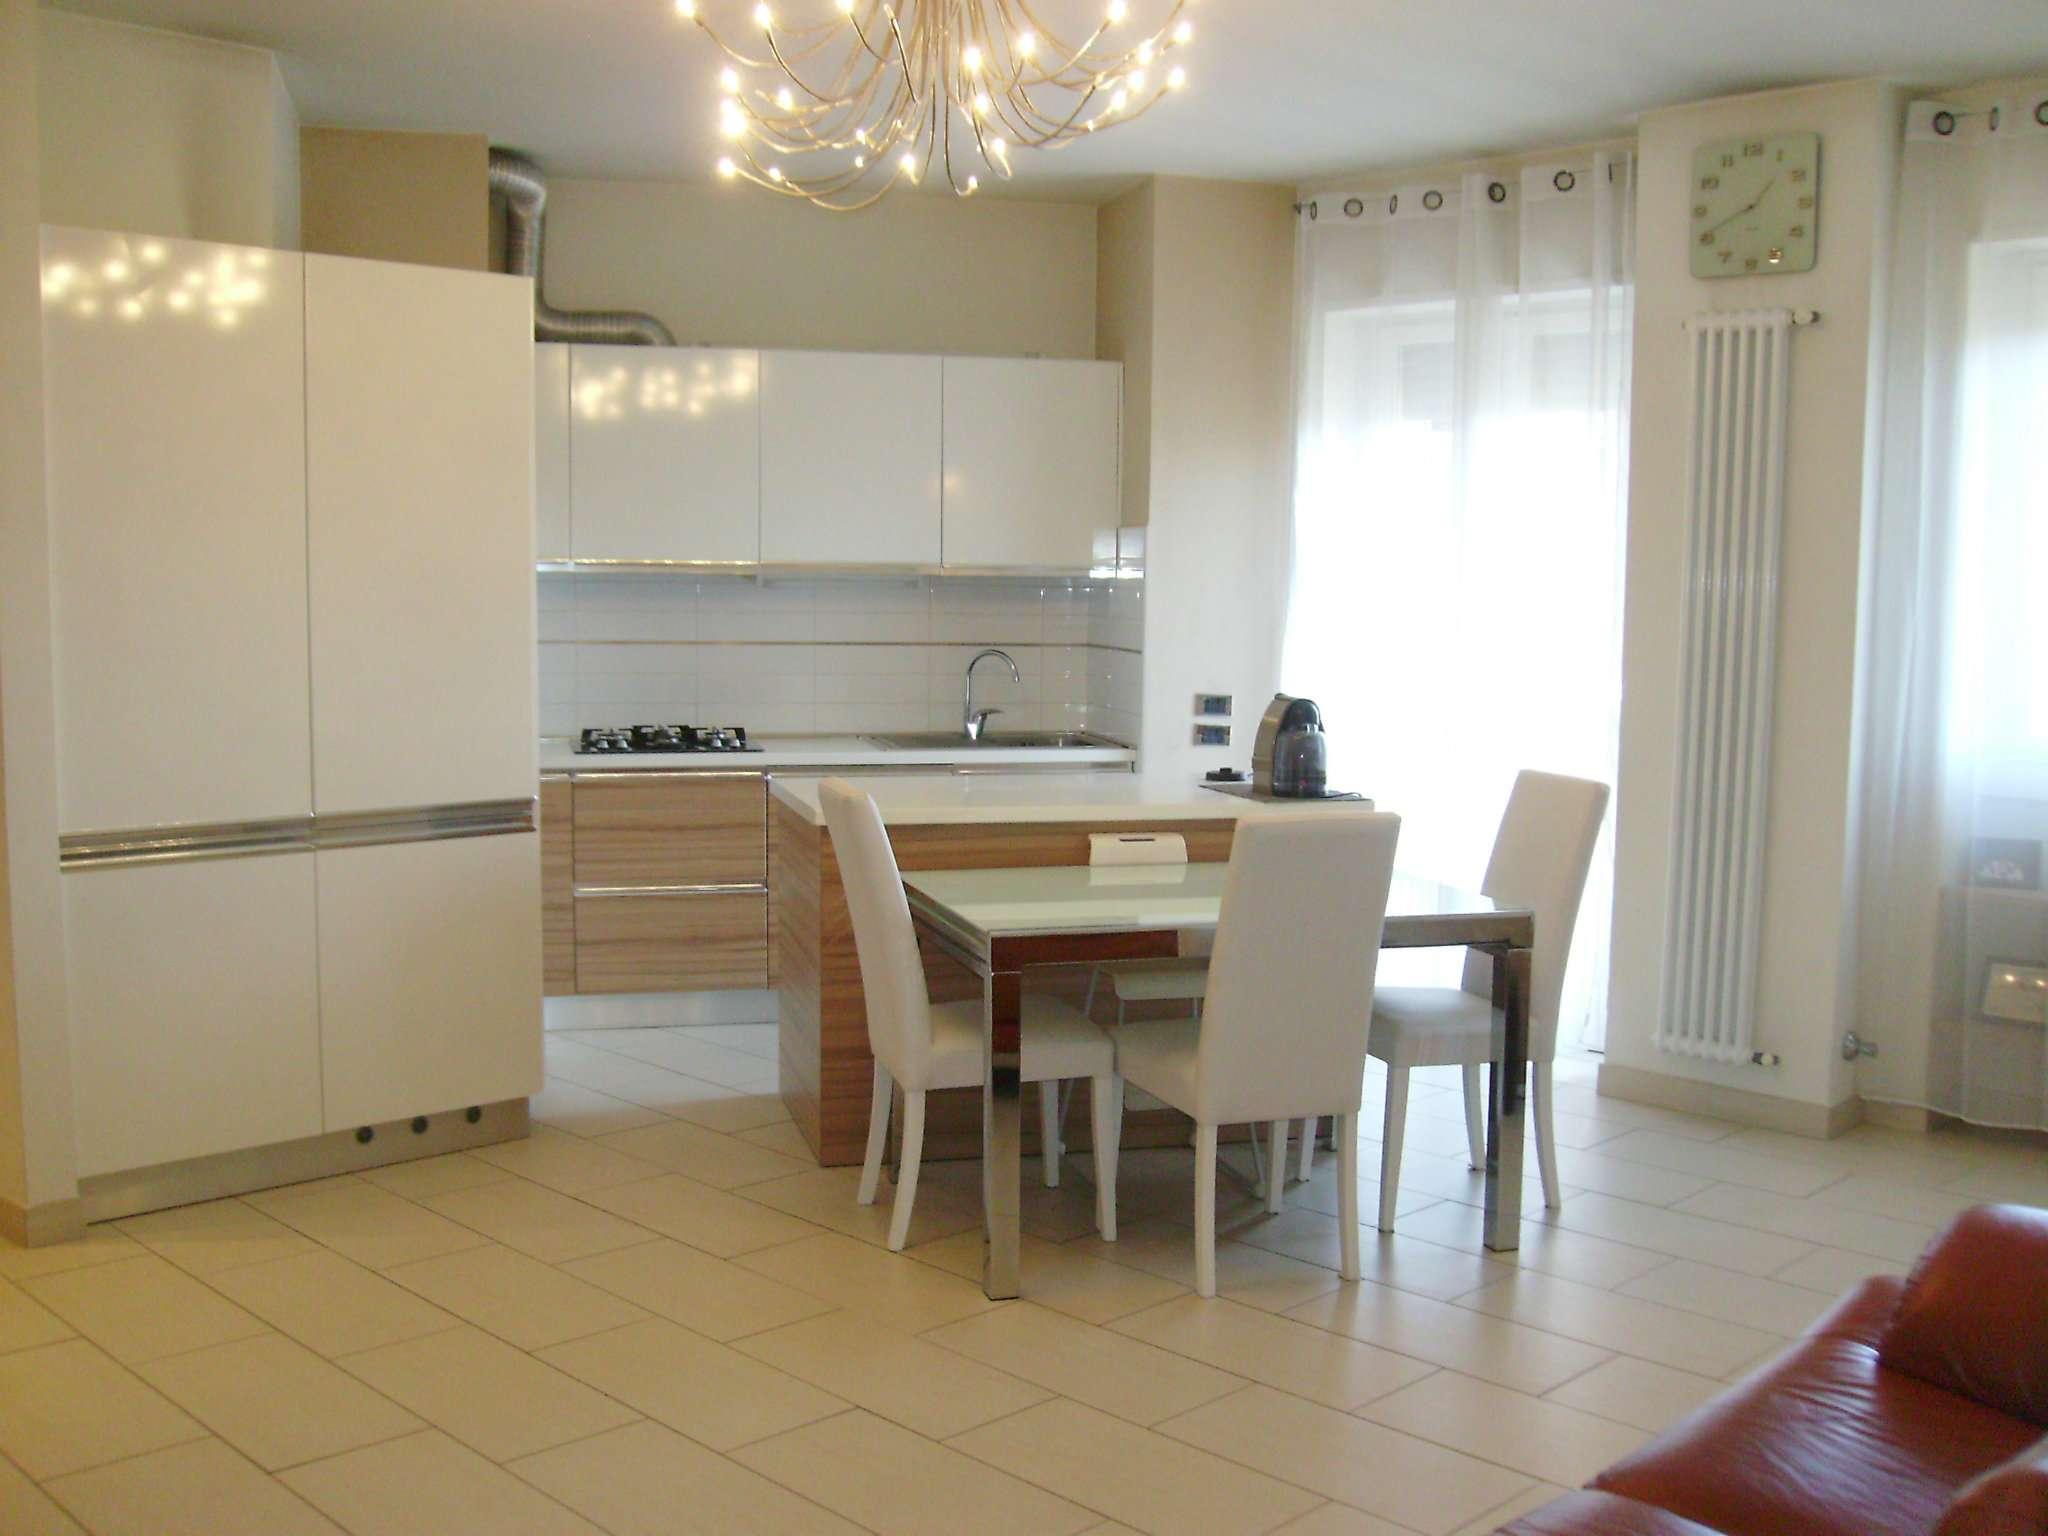 Appartamento in vendita a San Mauro Torinese, 9999 locali, prezzo € 168.000 | CambioCasa.it